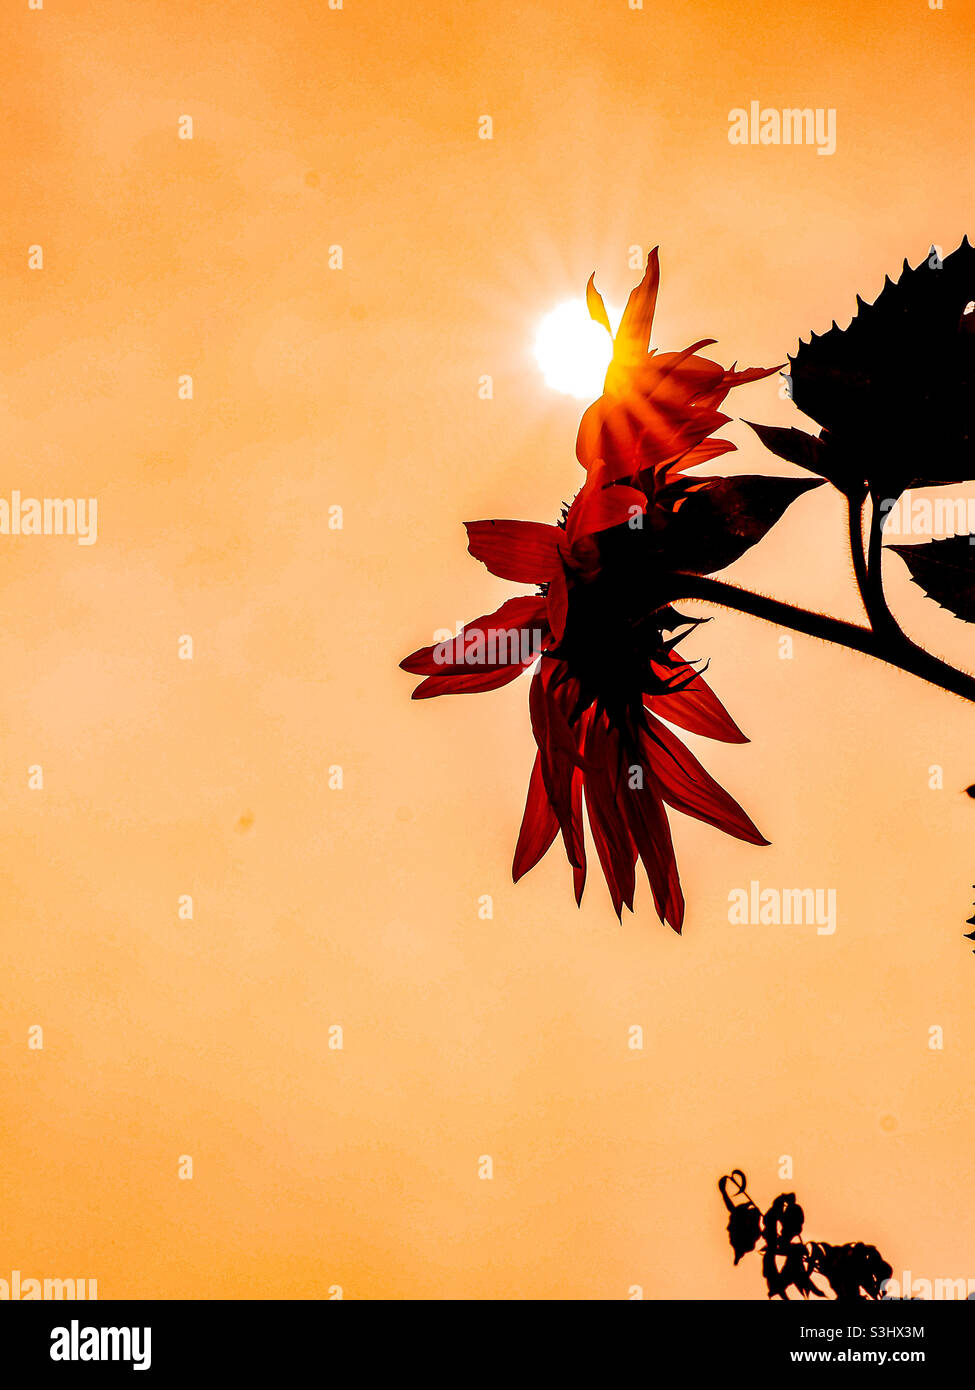 Sonne durch die Sonnenblumen am Morgen. Stockfoto